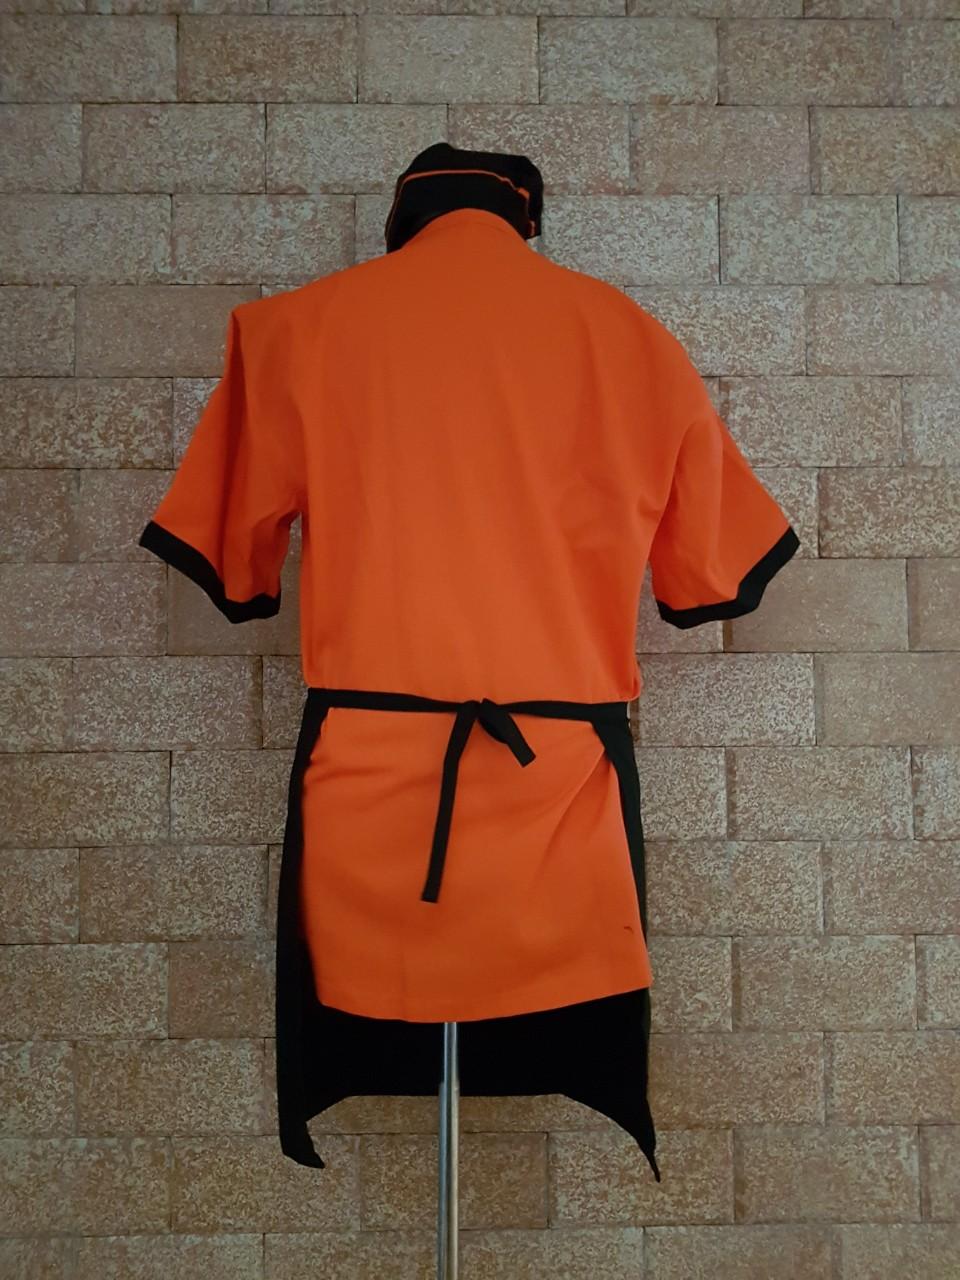 đồng phục đầu bếp có sẵn ở hà nội